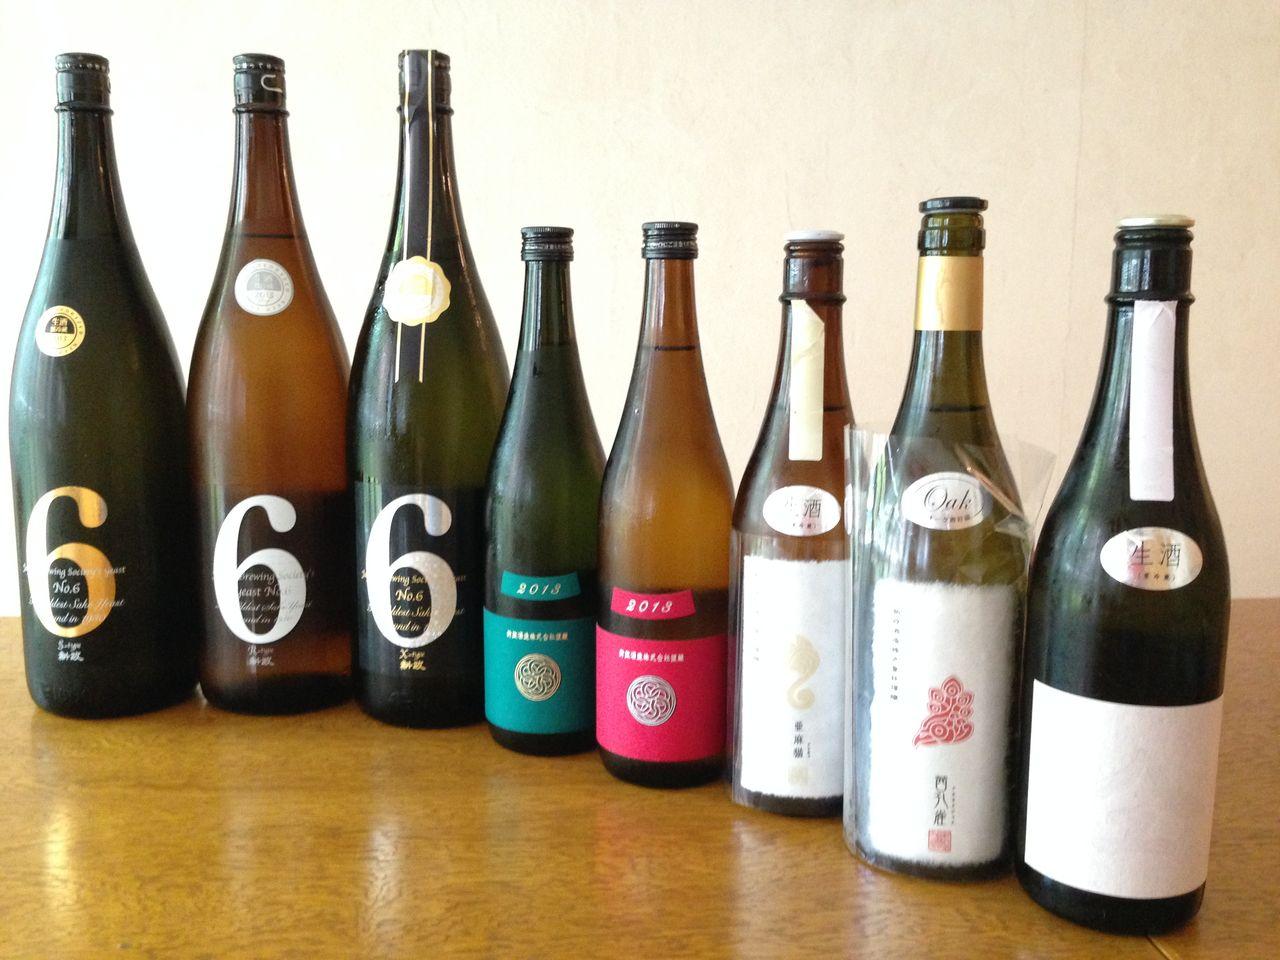 秋田の日本酒といえばコレ!! 『新政』の魅力とそのラインナップのサムネイル画像